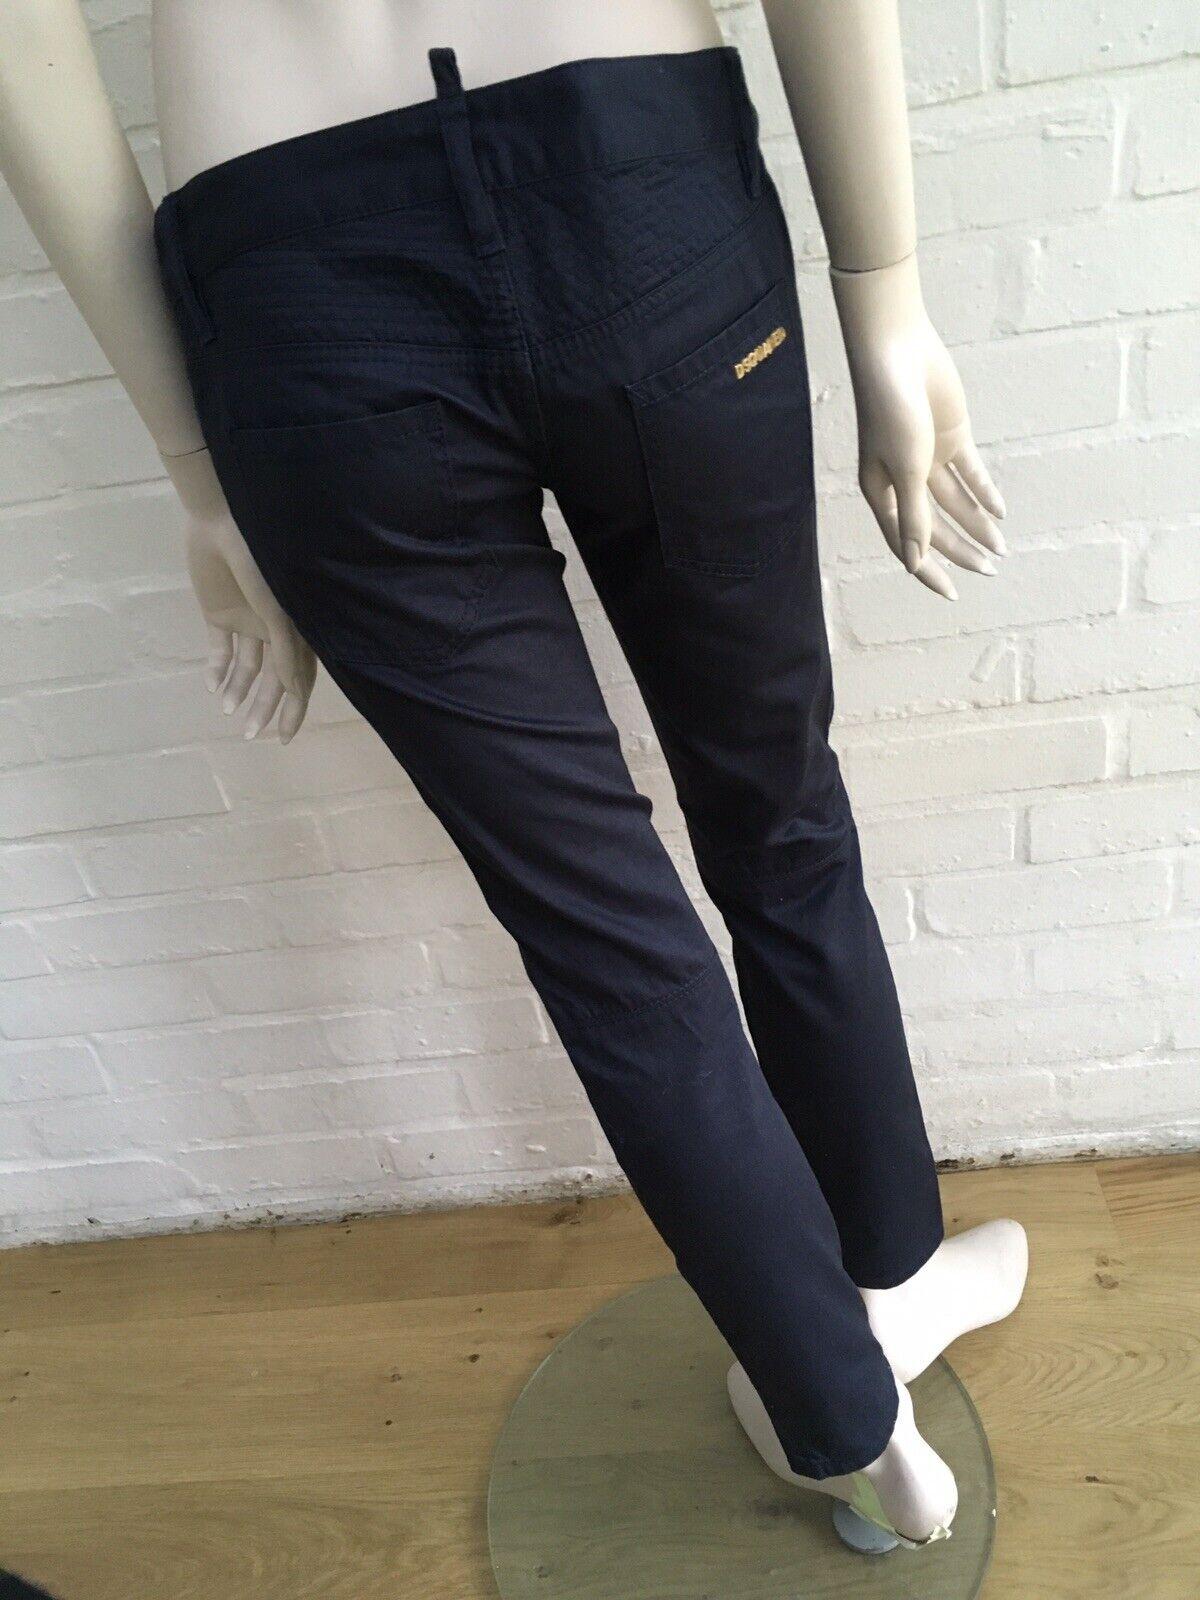 Dsquarot² Low-Rise Skinny Pants Trousers Größe I 40 US 4 UK 8 S Small   Um Sowohl Die Qualität Der Zähigkeit Und Härte    Reichlich Und Pünktliche Lieferung    Lebensecht